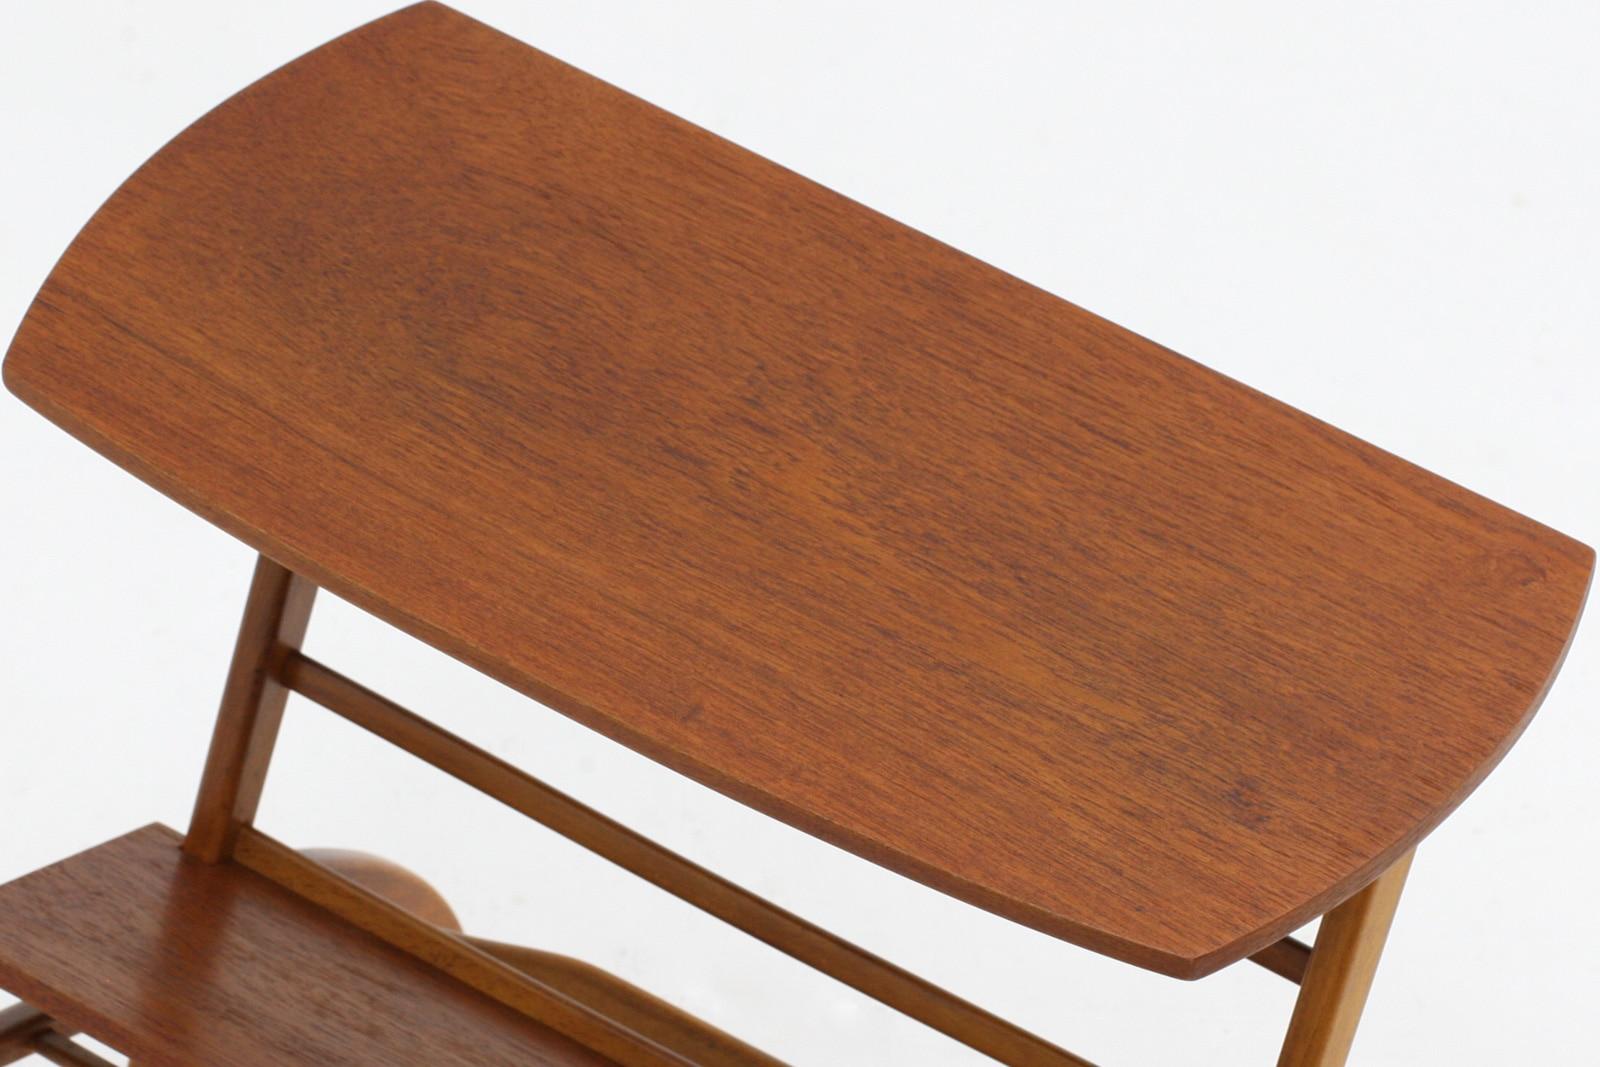 サイドテーブル,マガジンラック,デンマーク